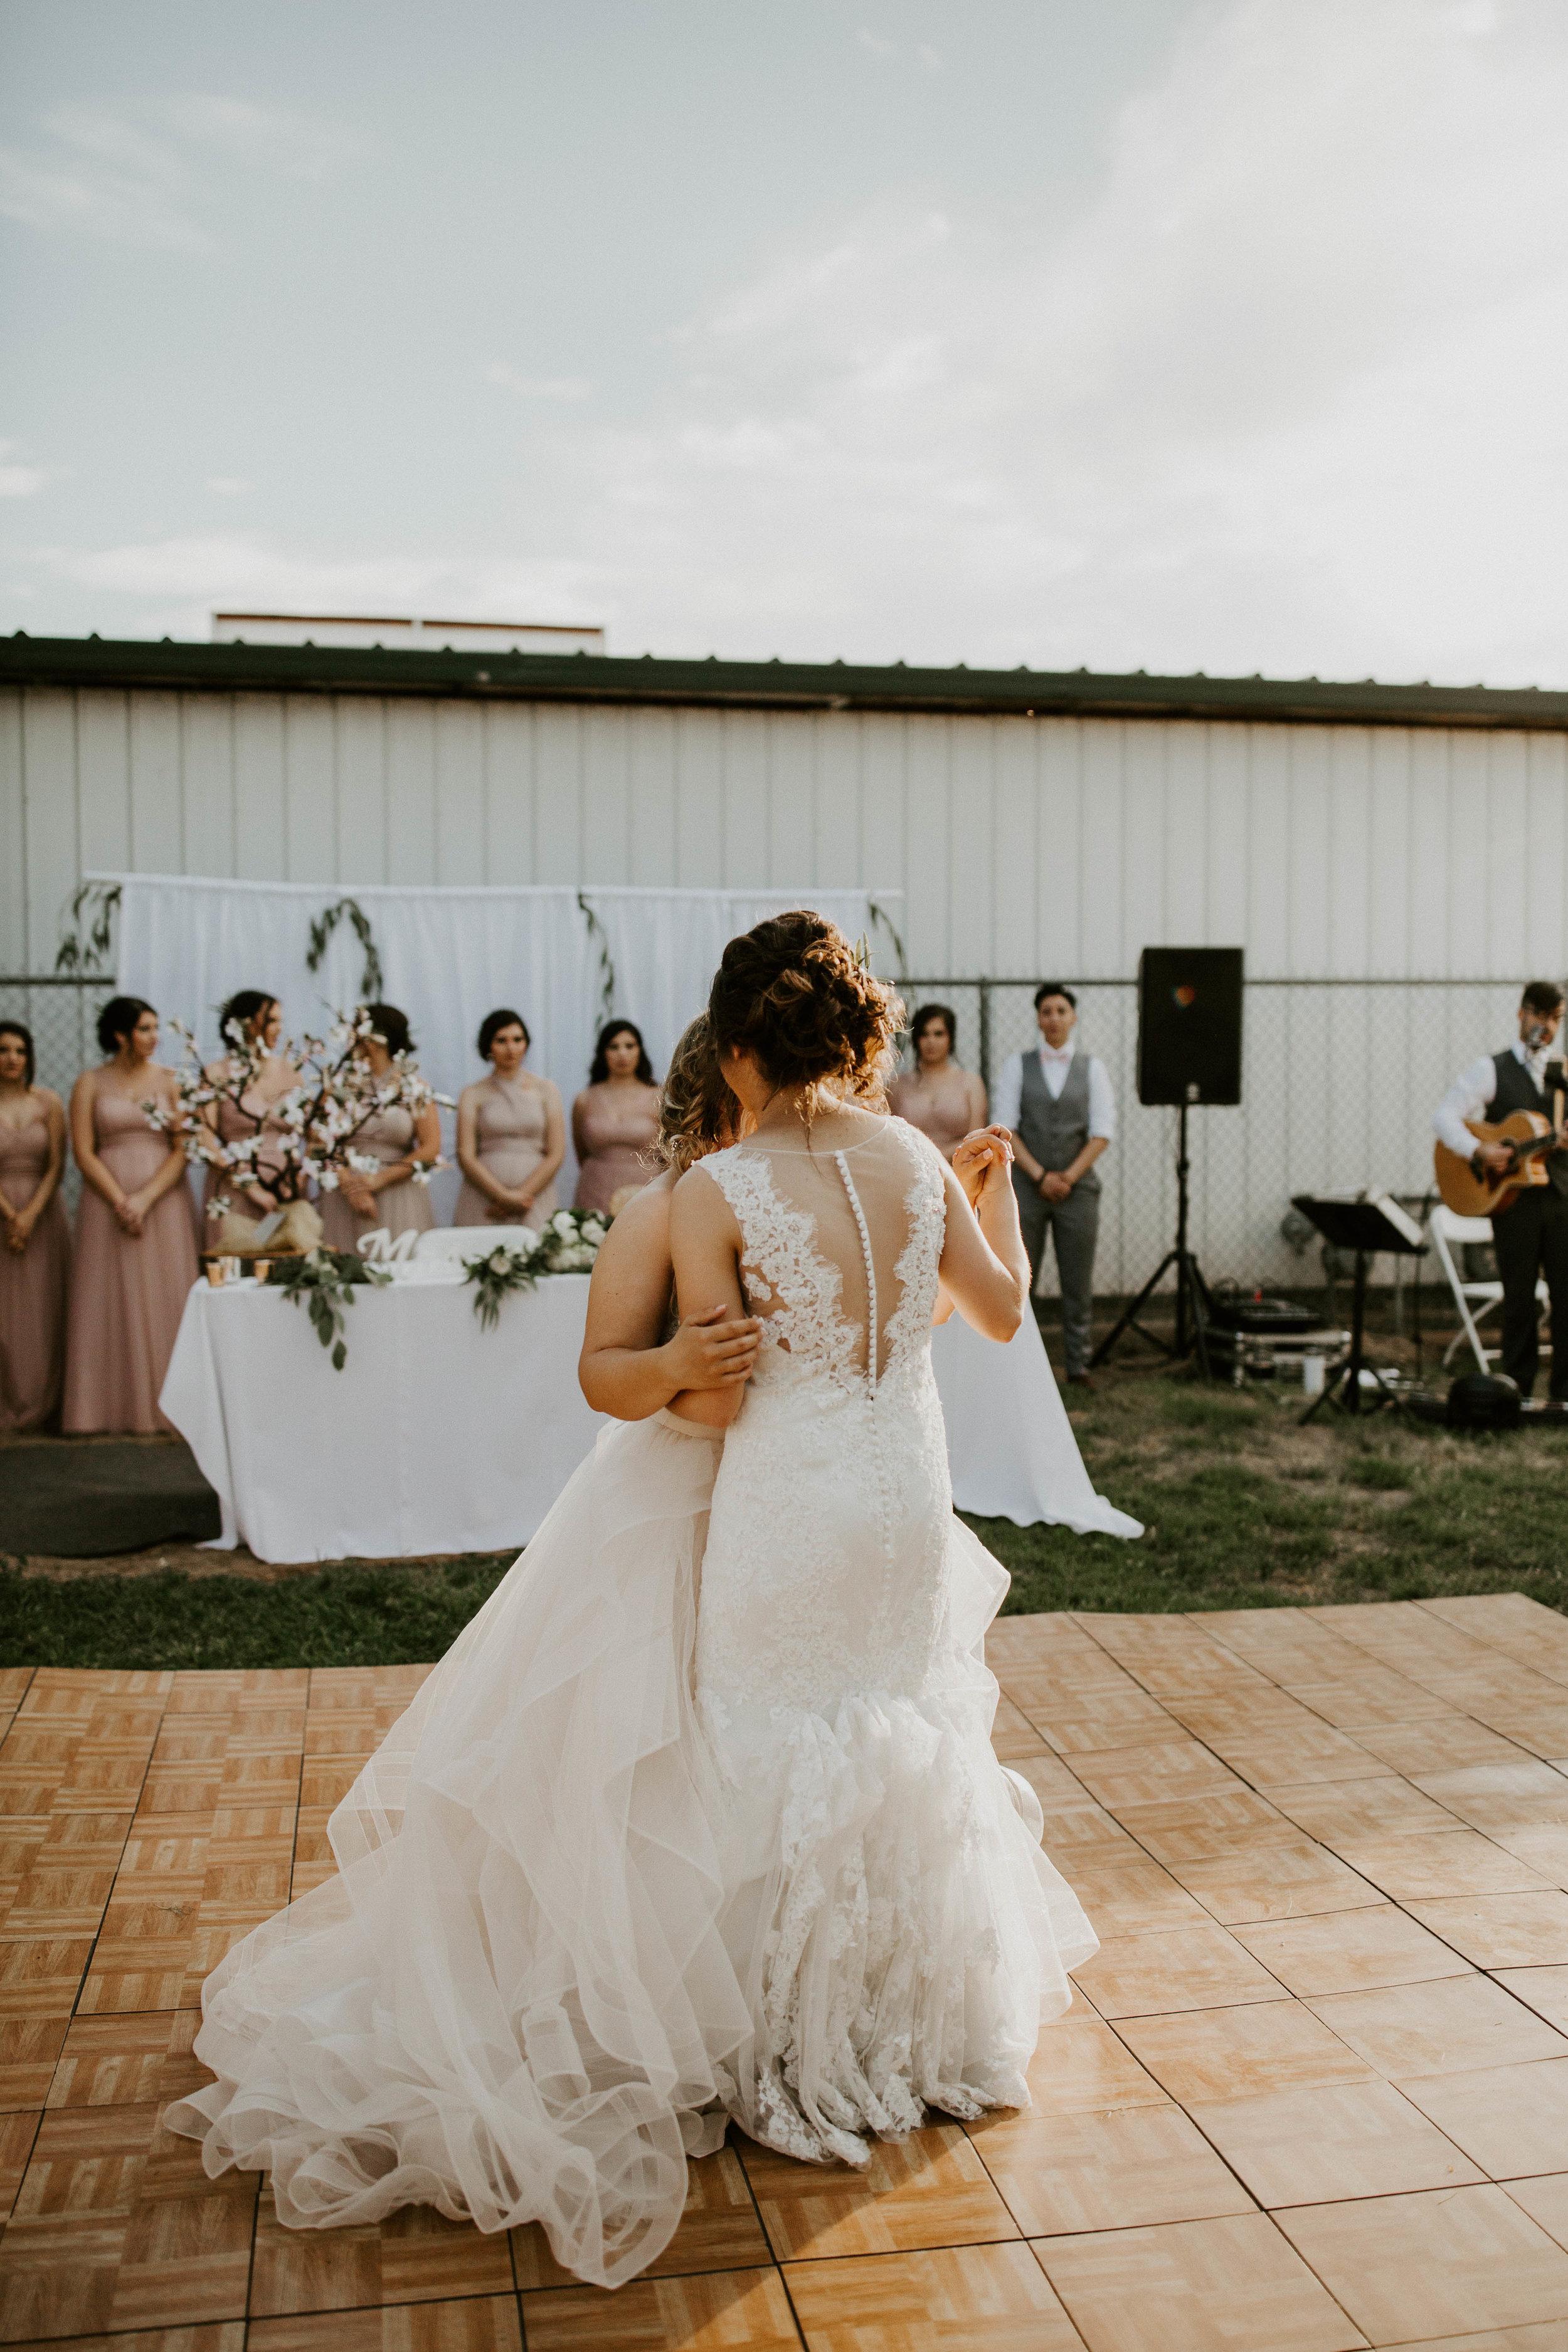 Kelsee&Yudith'sbackyardintimatewedding(388of646).jpg